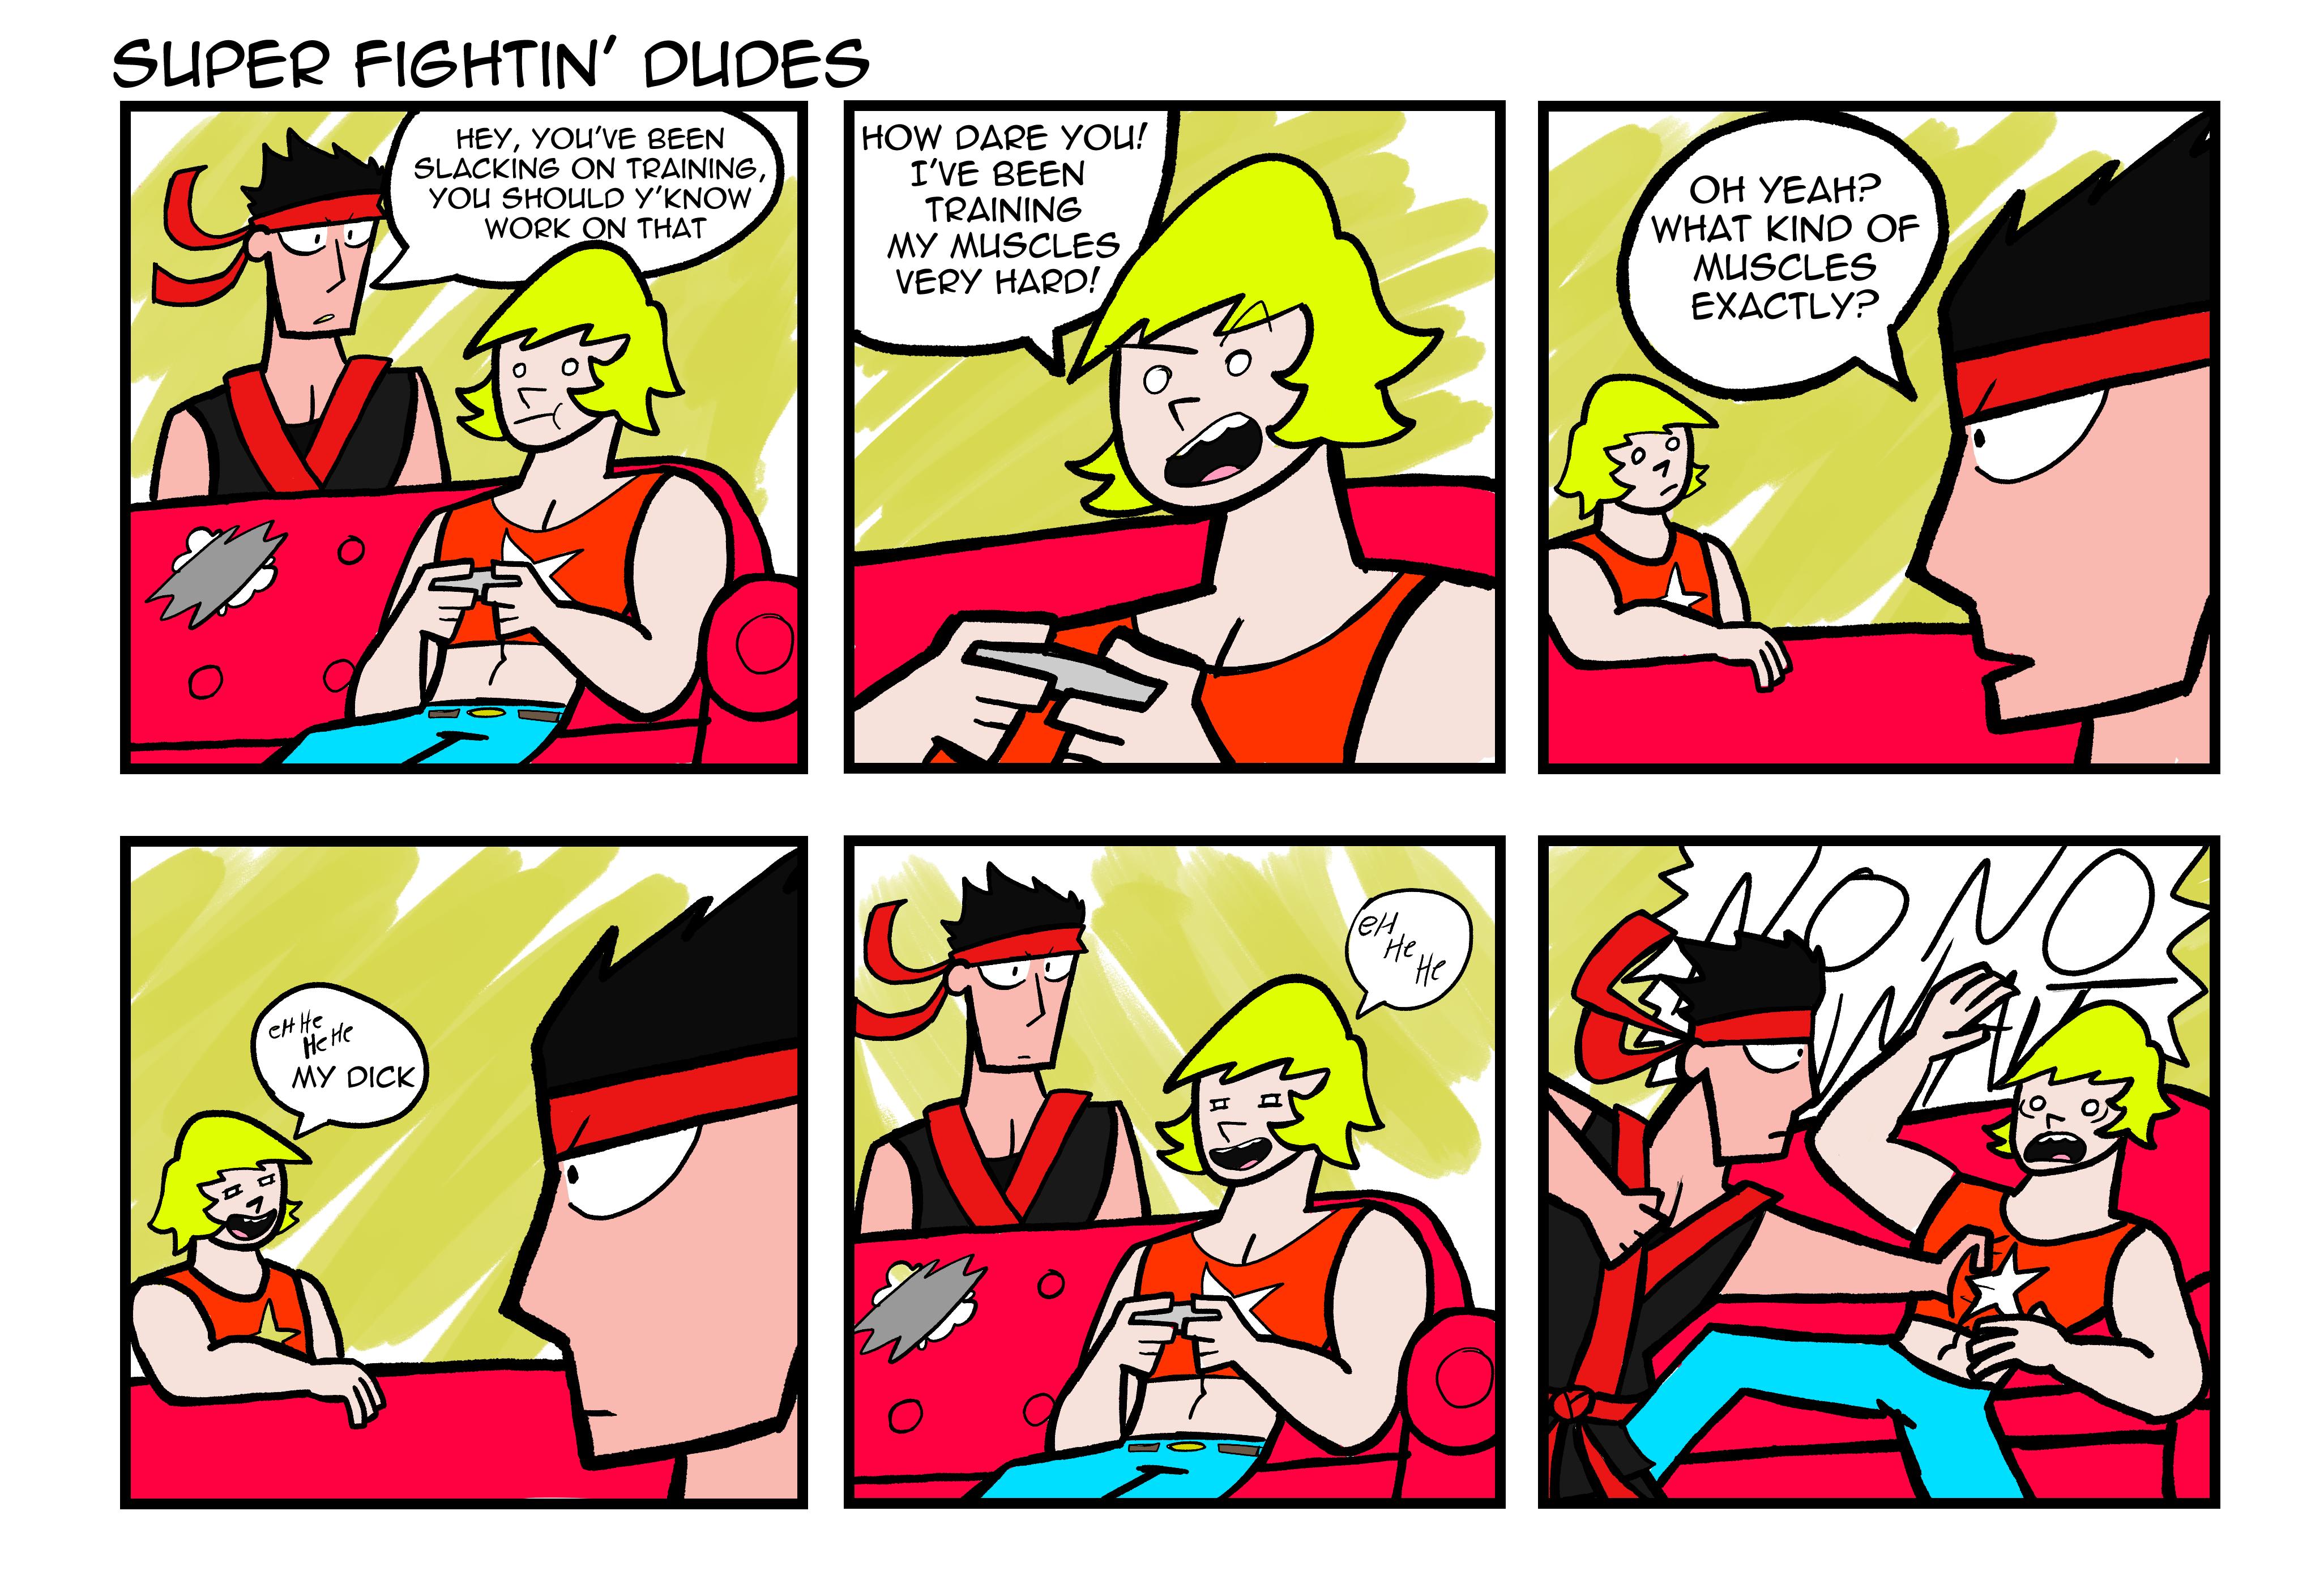 Super Fightin' Dudes